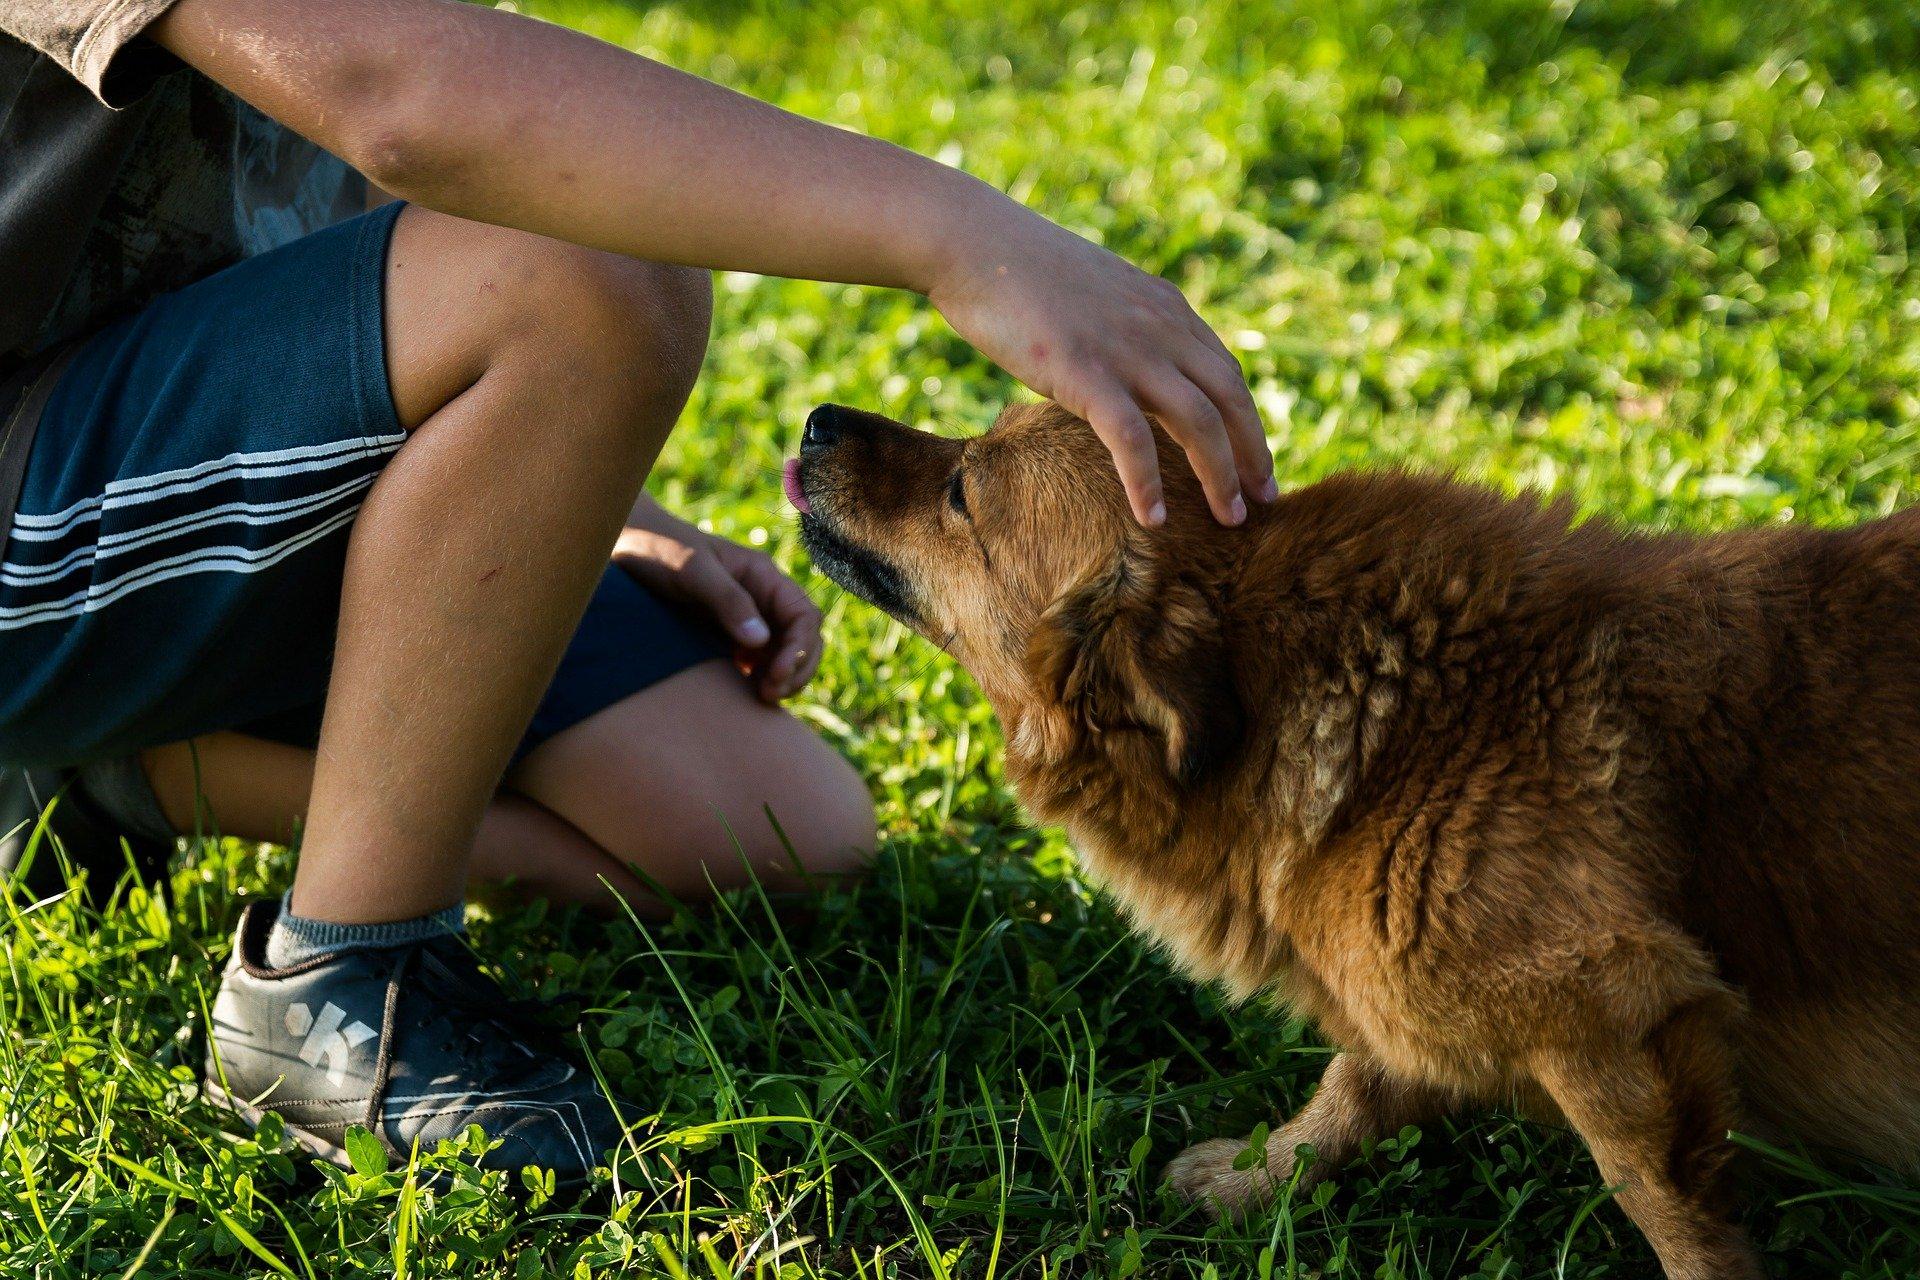 Criança passando a mão em cachorro